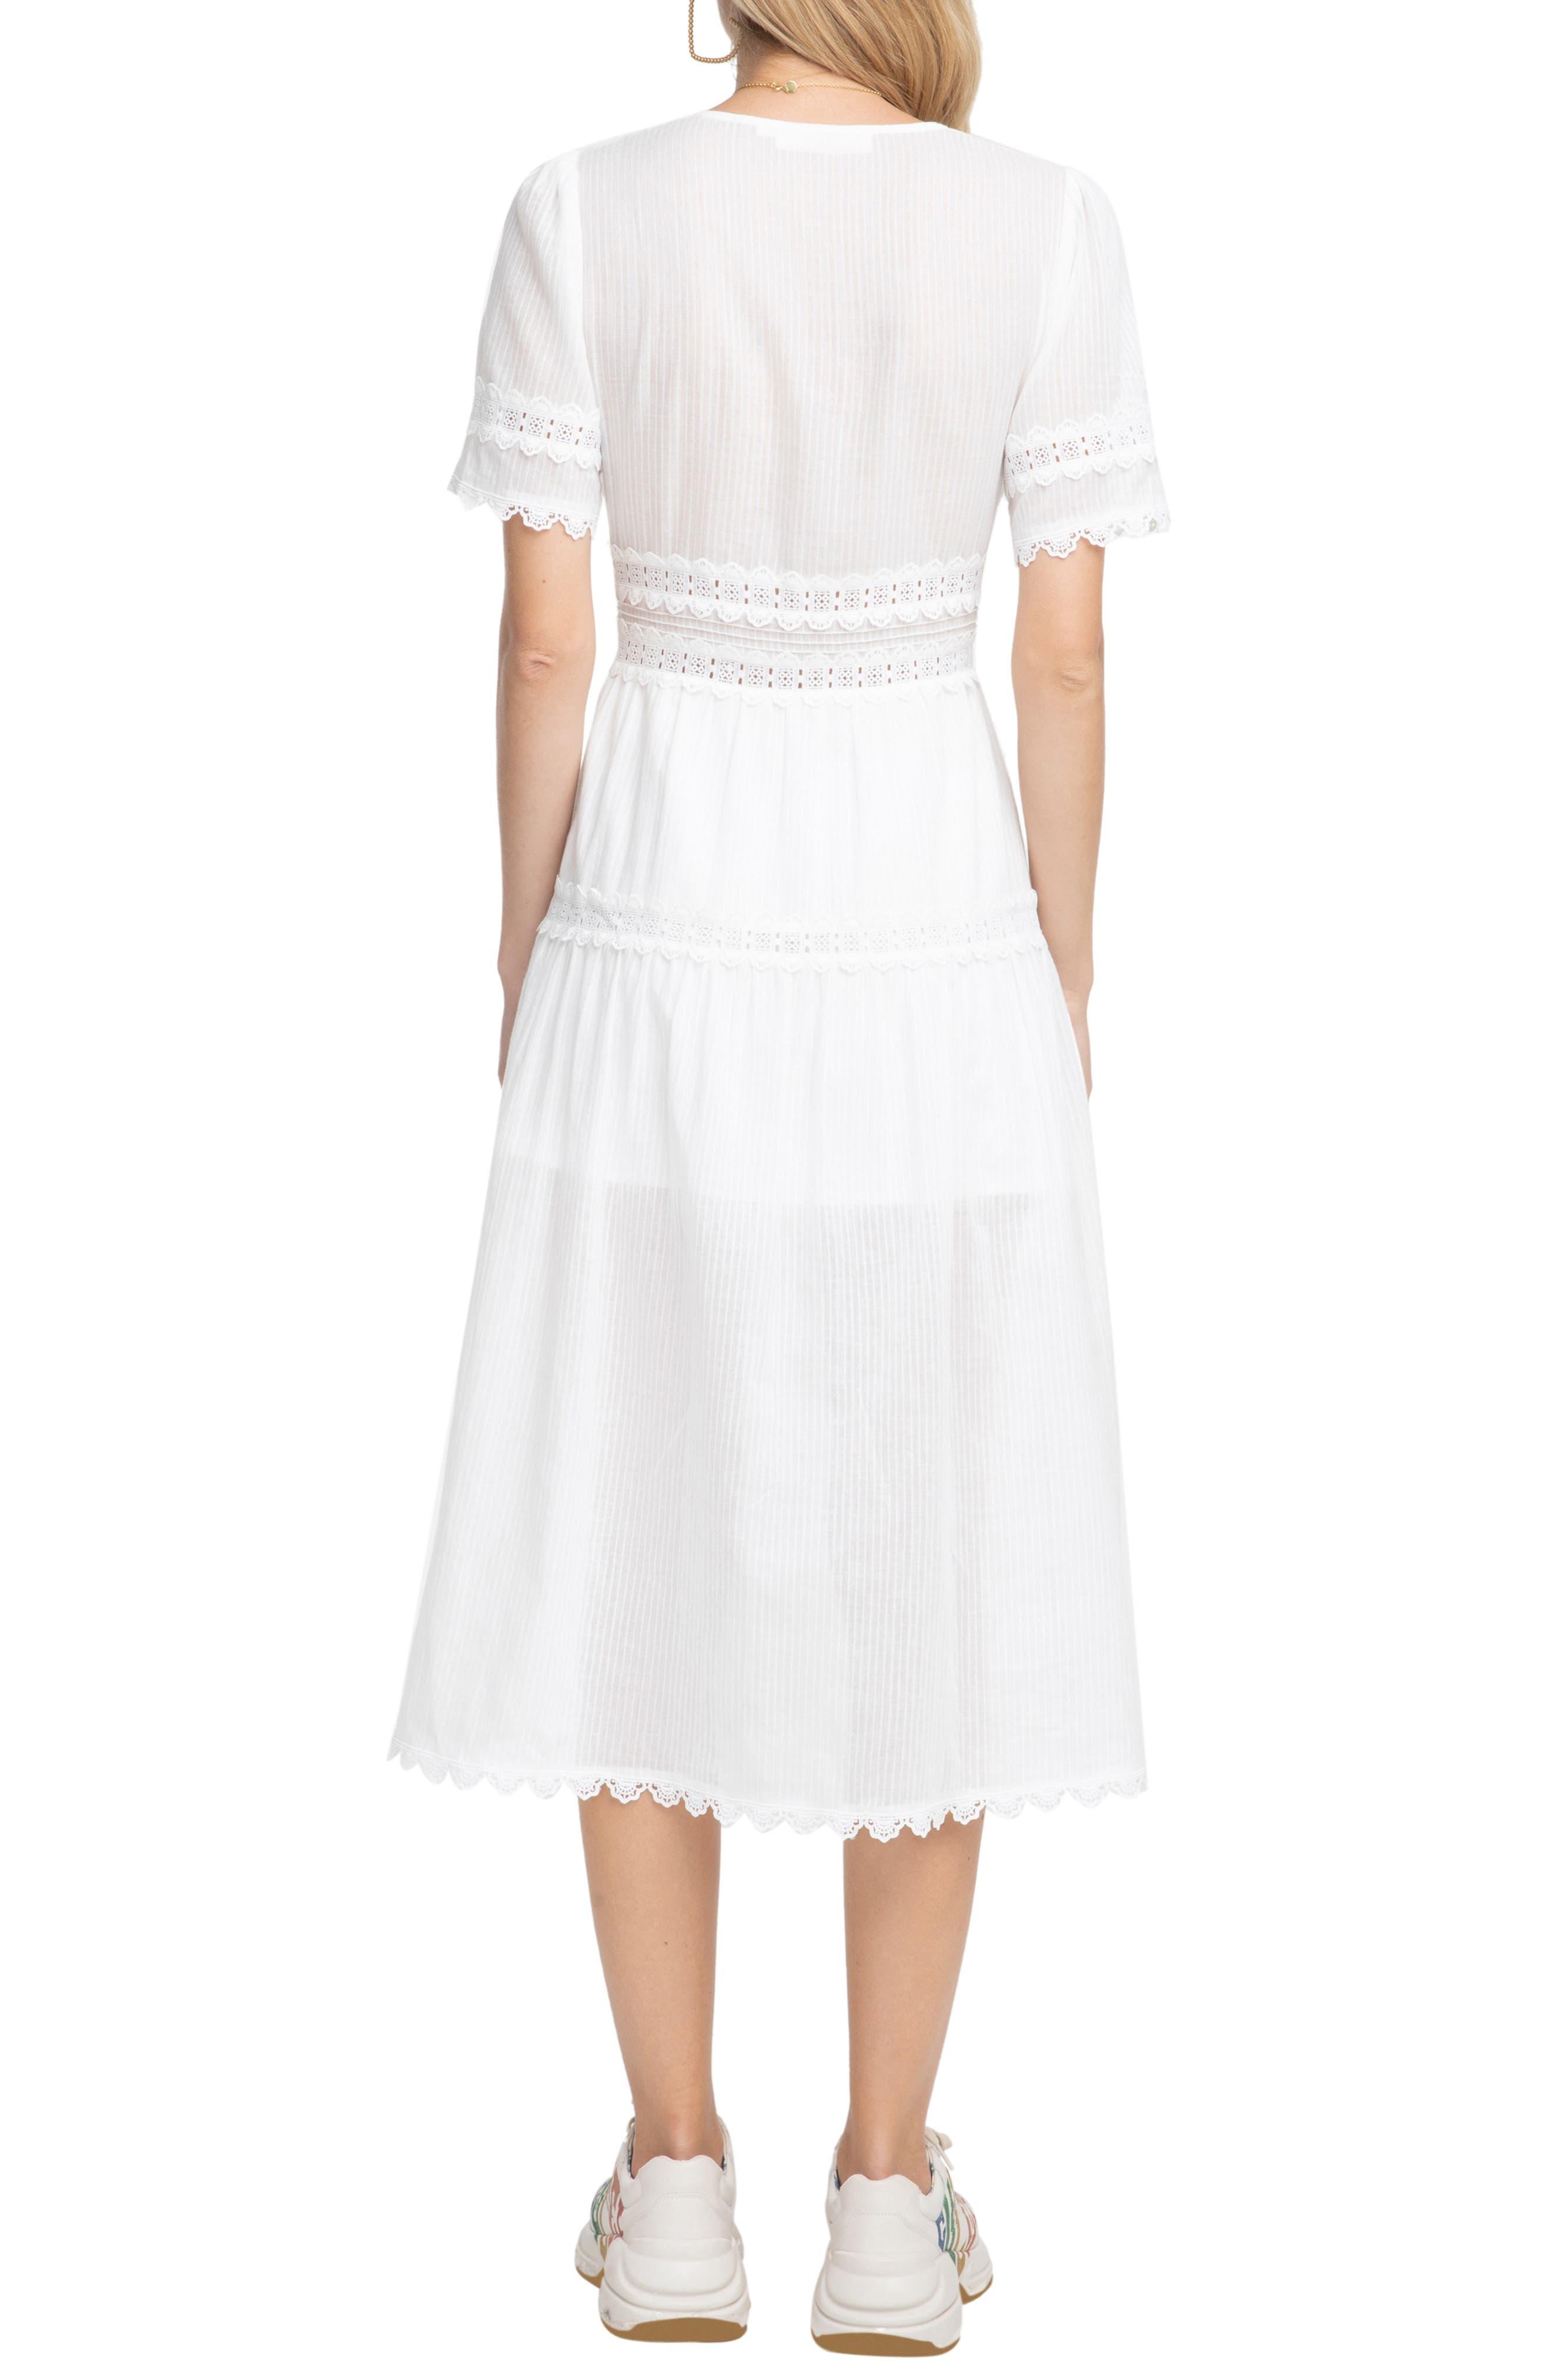 ASTR THE LABEL,                             Ari Midi Dress,                             Alternate thumbnail 2, color,                             WHITE